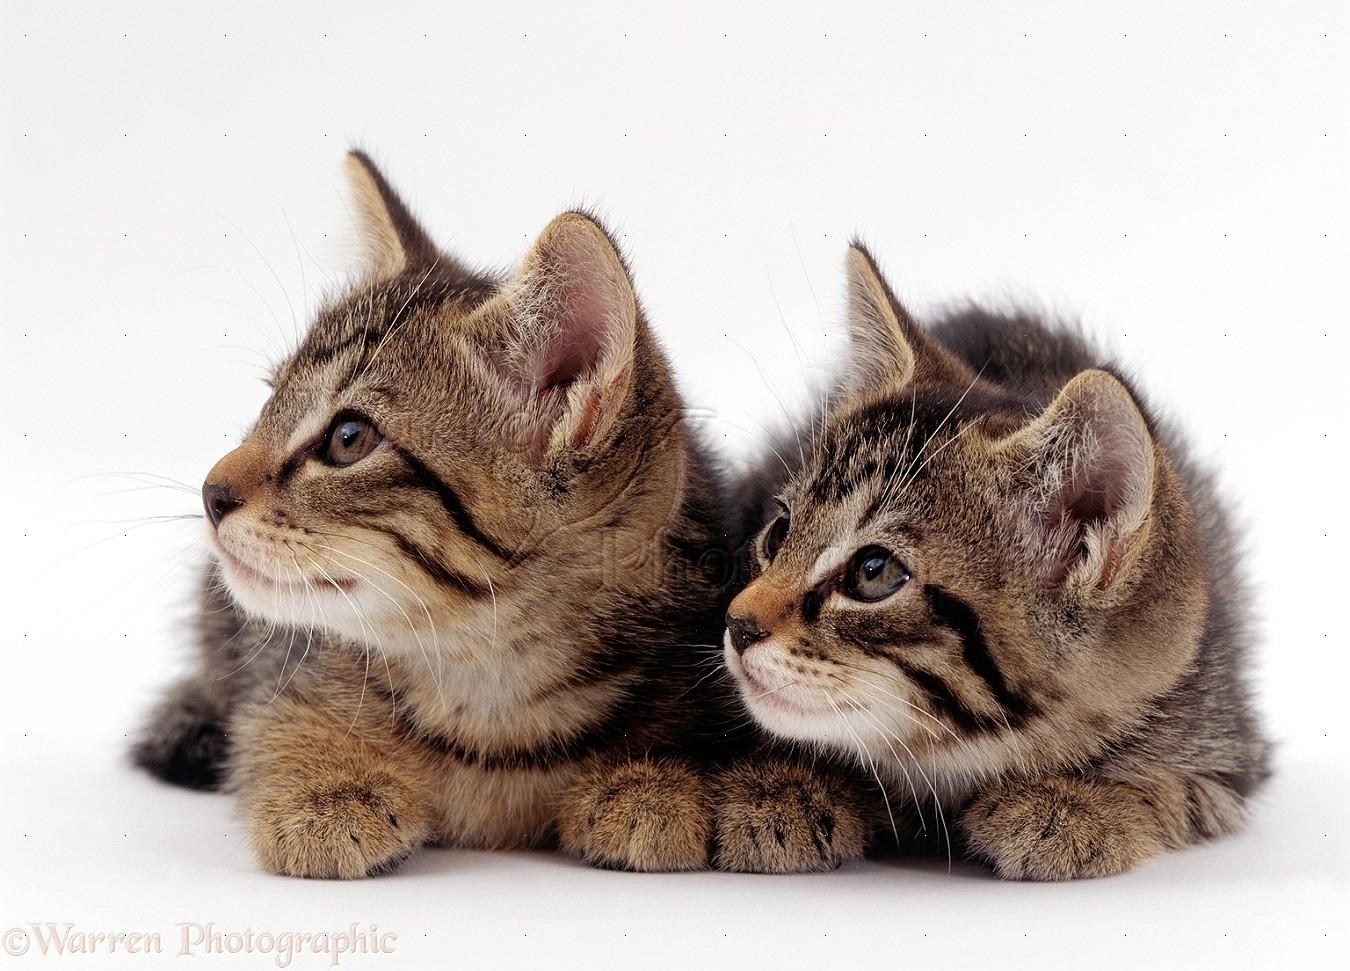 WP15610 Two Wild Cat ( Felis silvestris ) kittens, 9 weeks old.